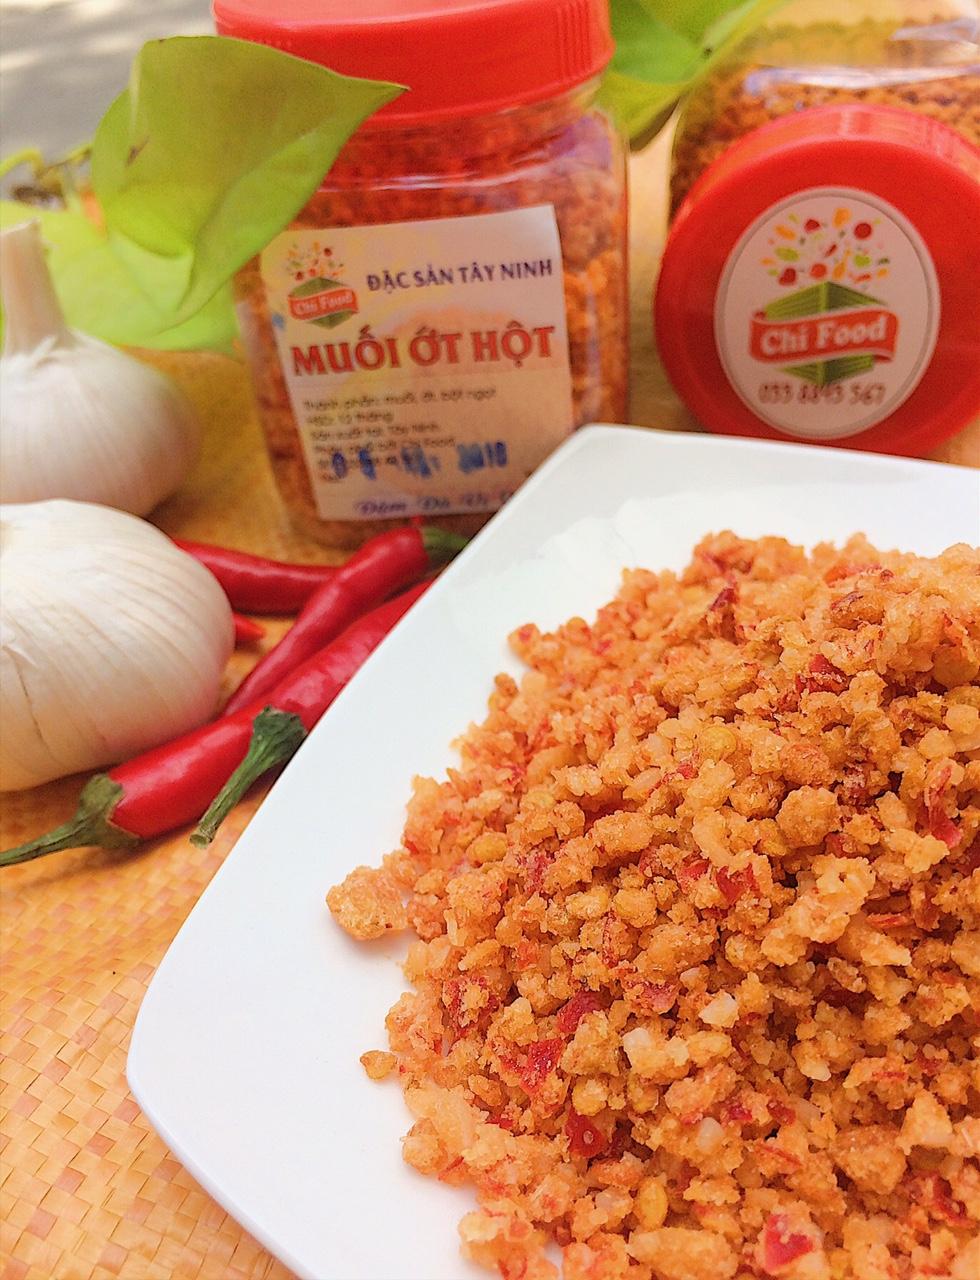 Muối ớt hột - Tây Ninh